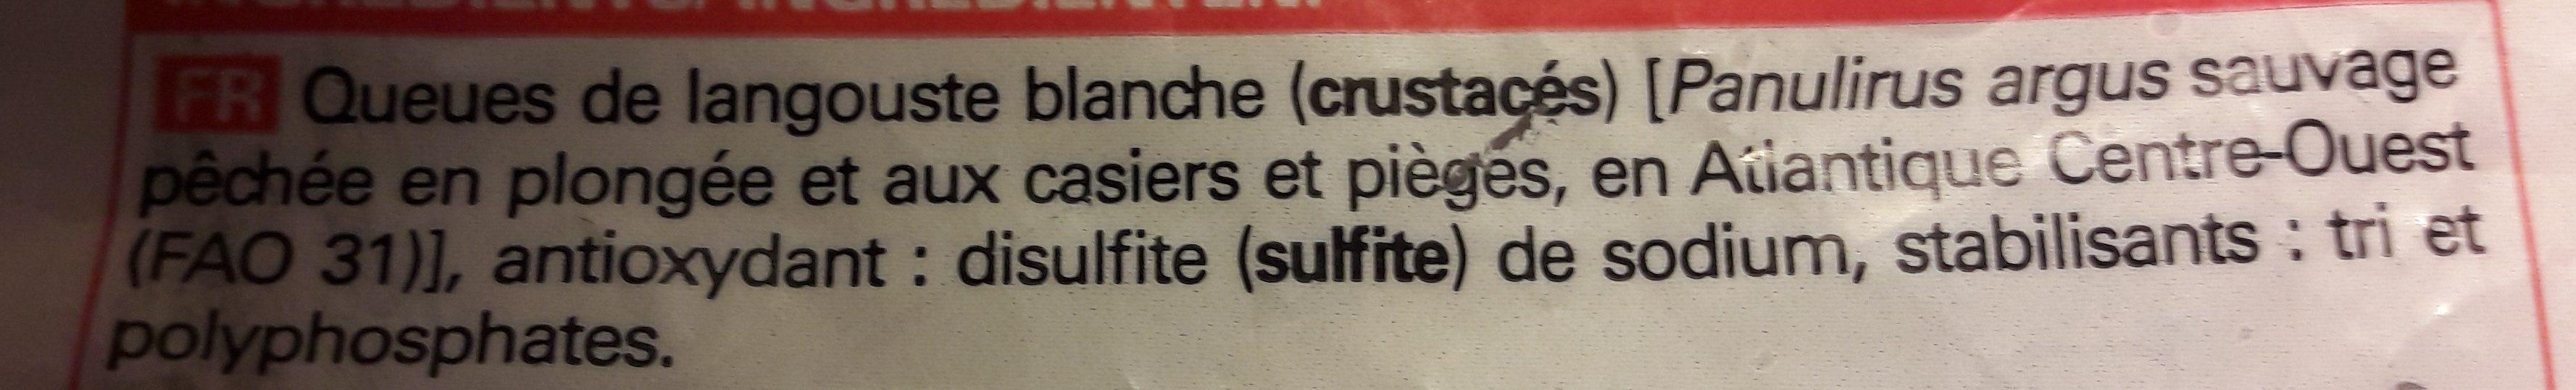 2 Queues de Langouste Blanche Crues - Ingredients